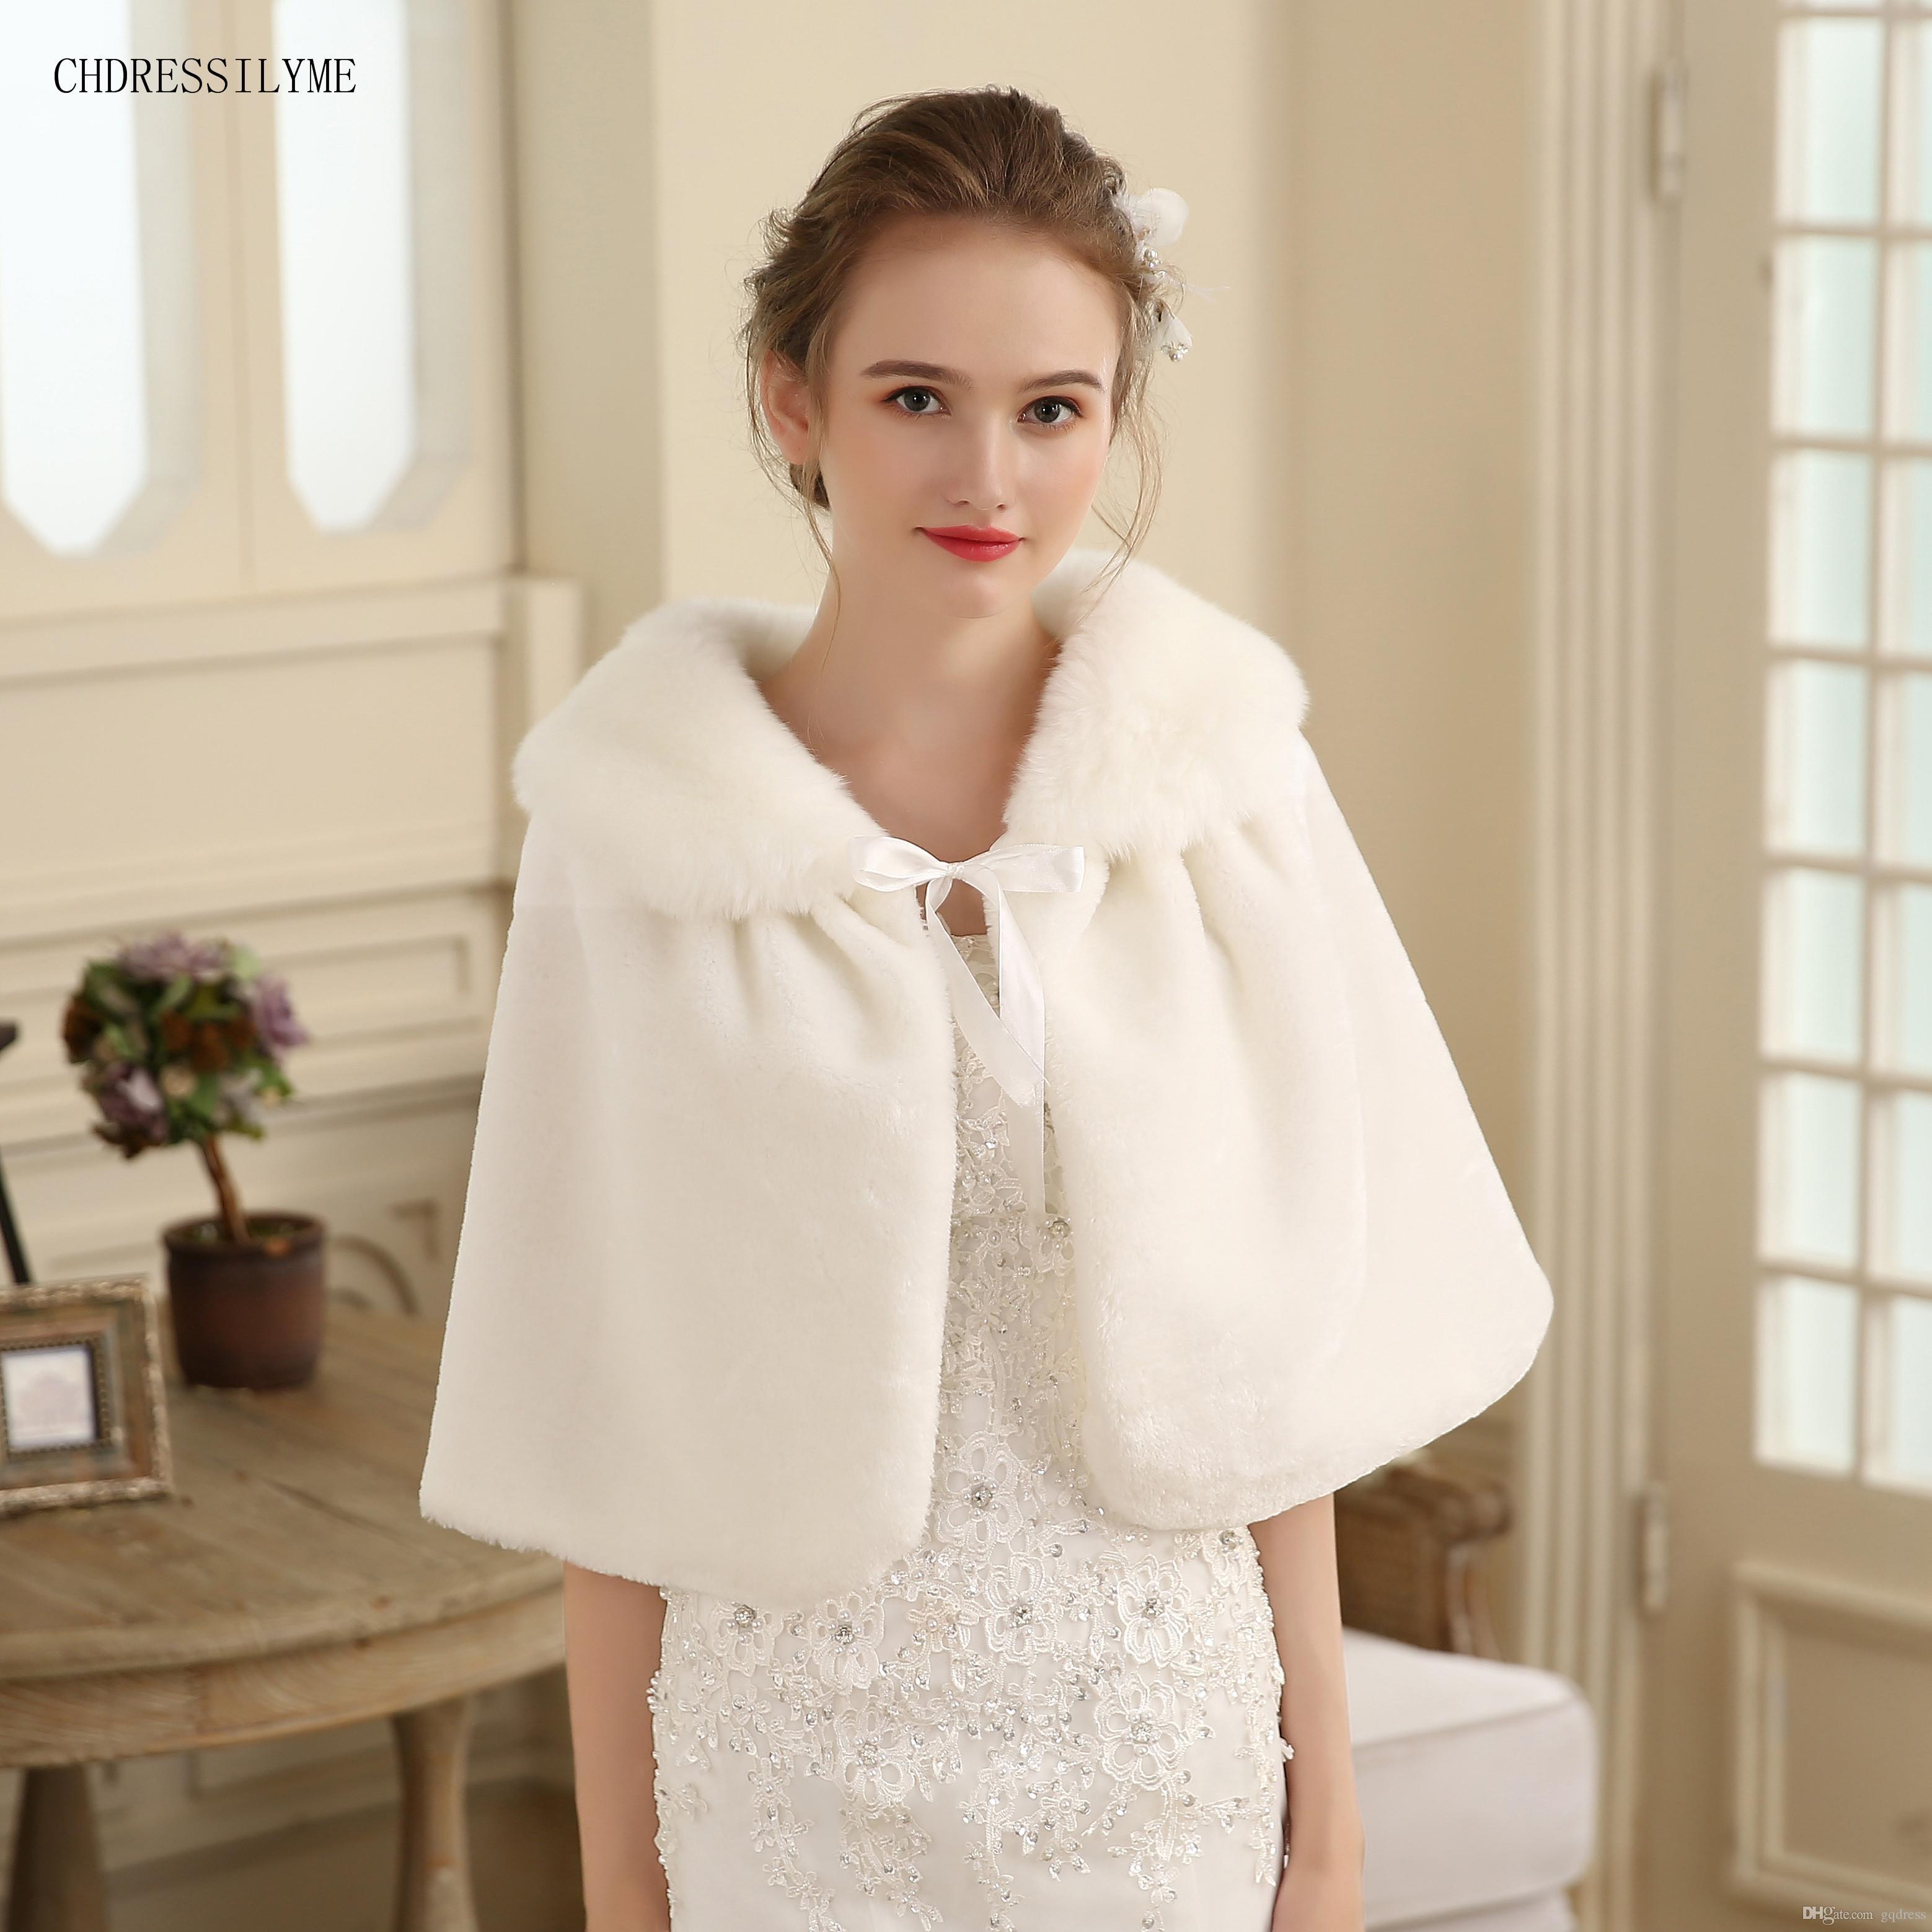 c79531fab Piel de la boda del abrigo de la piel de las mujeres Abrigos nupciales del  invierno Cálido Boleros de la chaqueta nupcial de la piel elegante abrigo de  ...